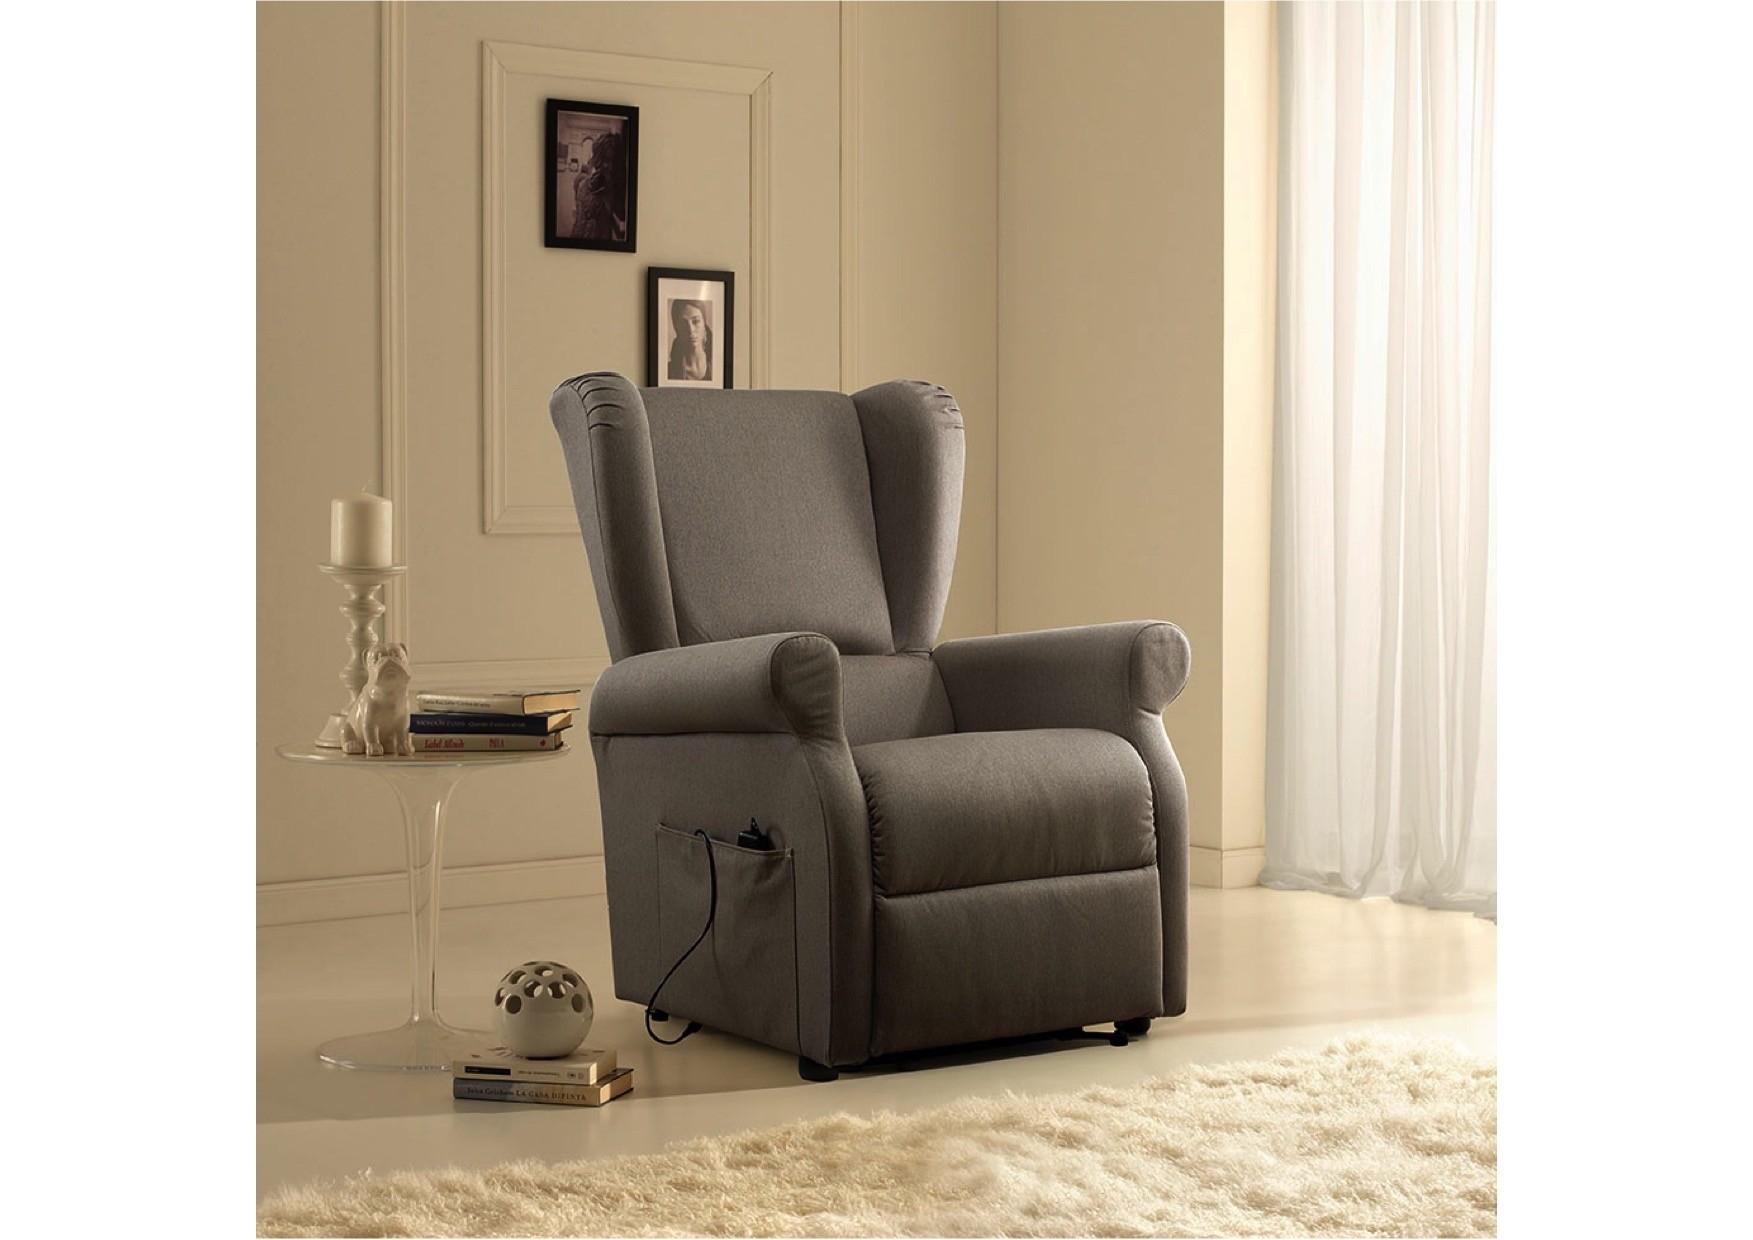 Poltrona relax mod berg re scontata divani a prezzi scontati - Poltrona relax design ...